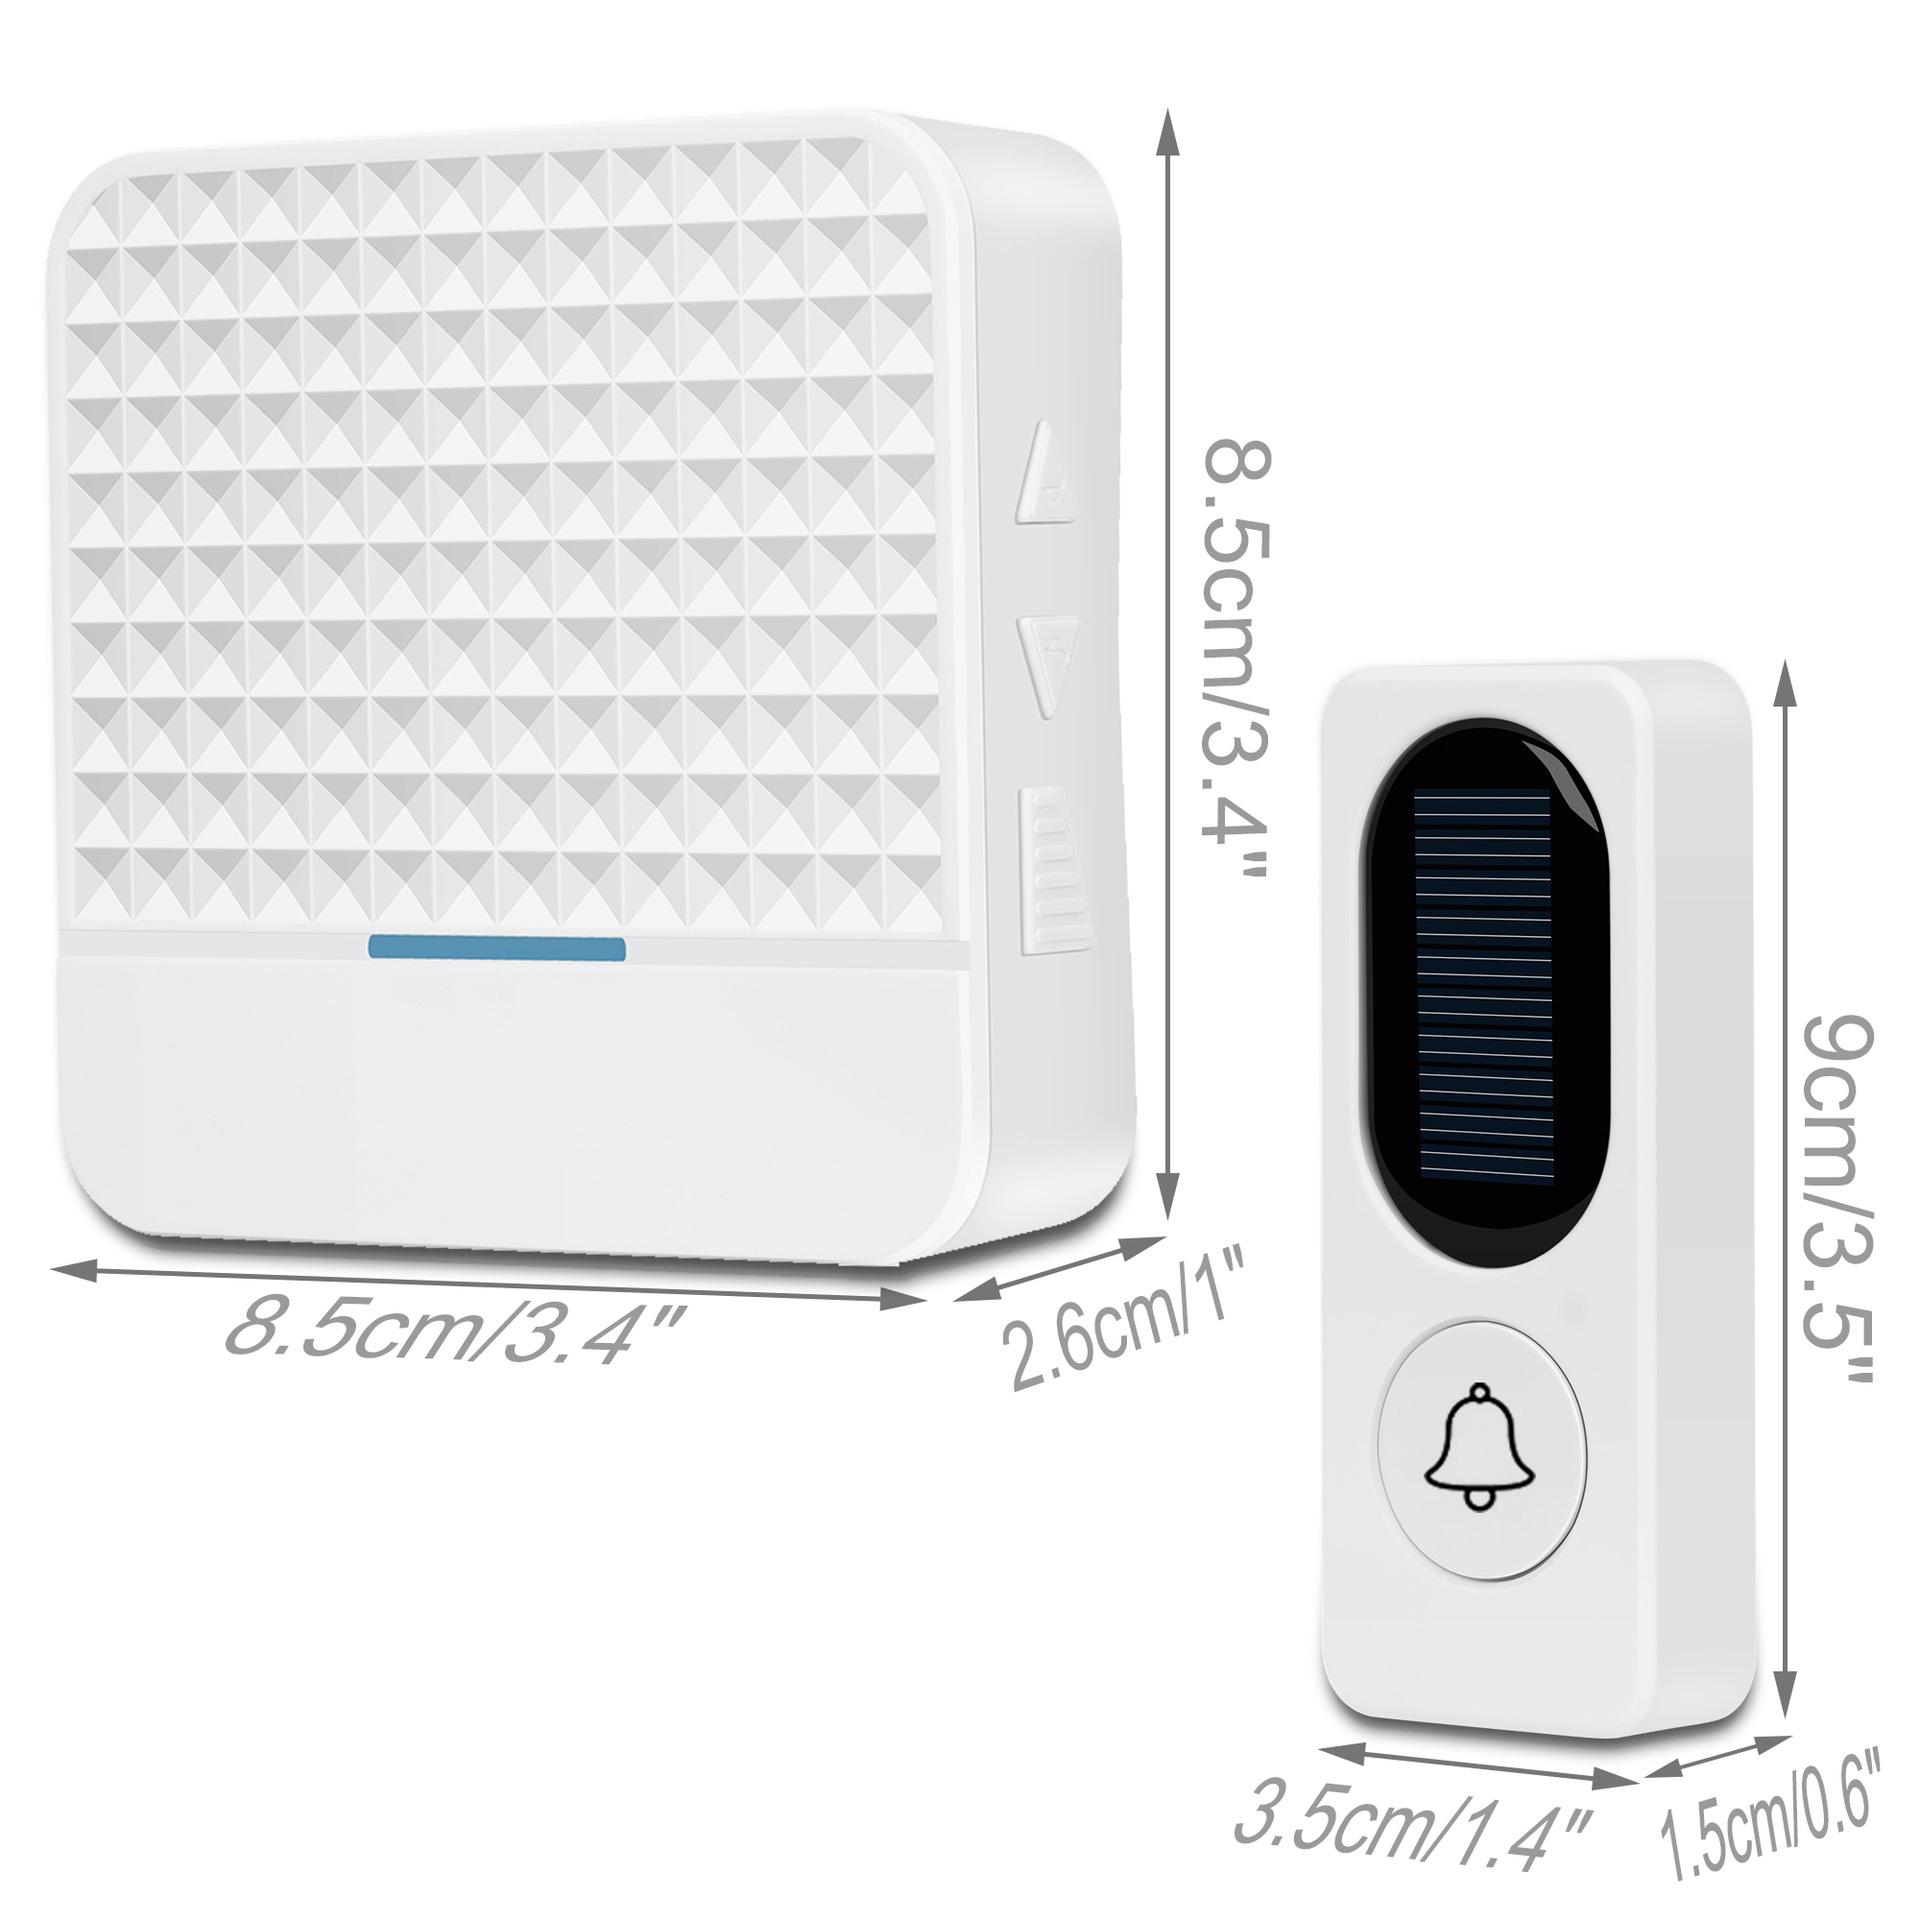 Chuông cửa không dây năng lượng mặt trời ES-D09